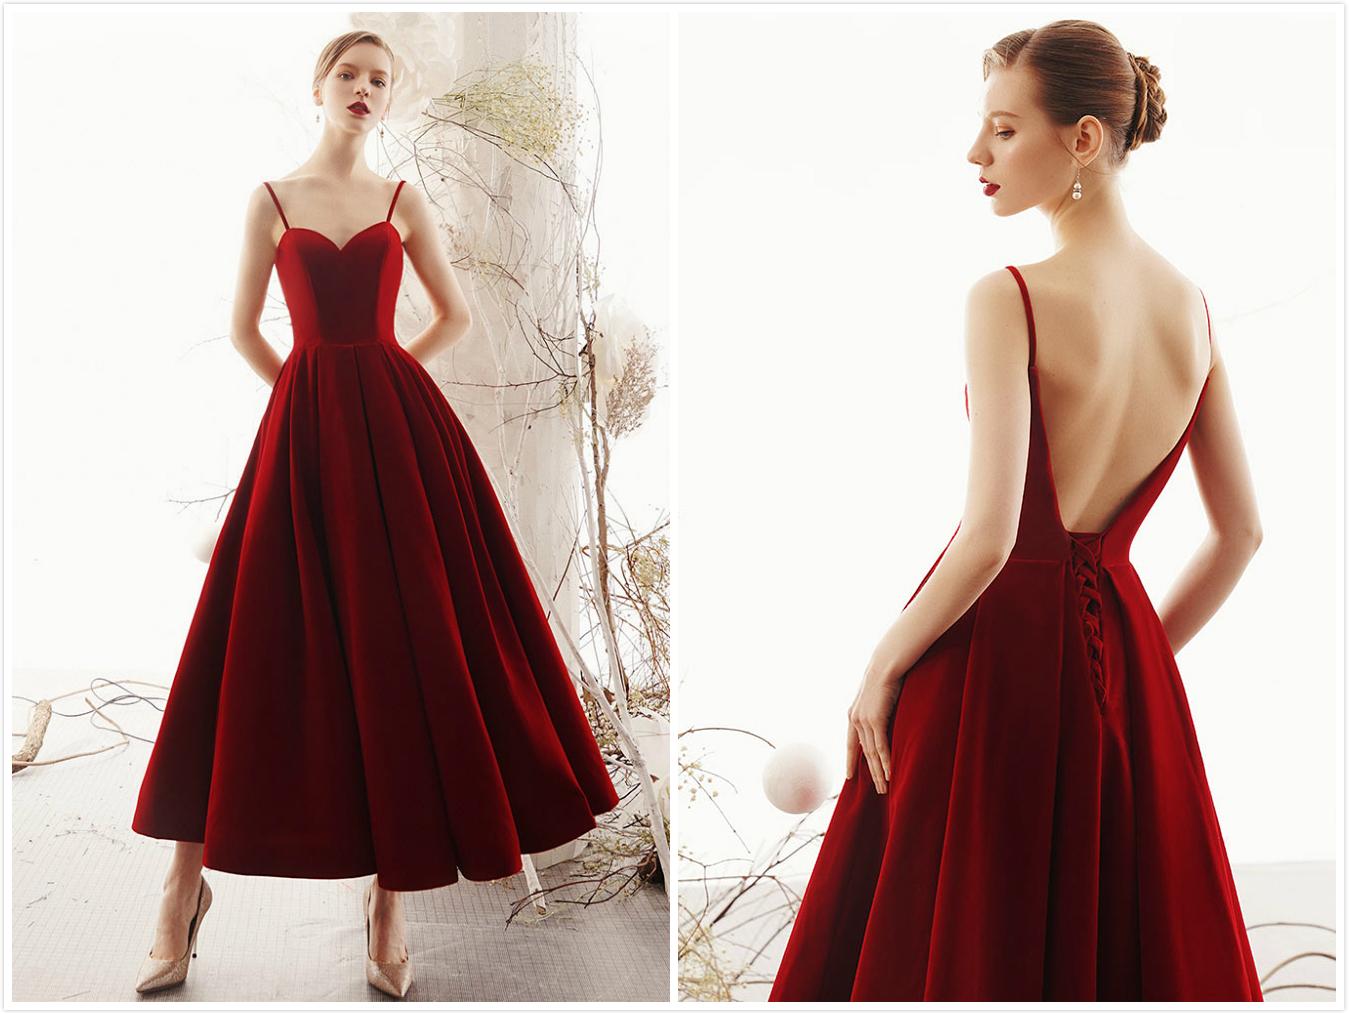 robe demoiselle d'honneur rétro rouge bordeaux velours dos dénudé